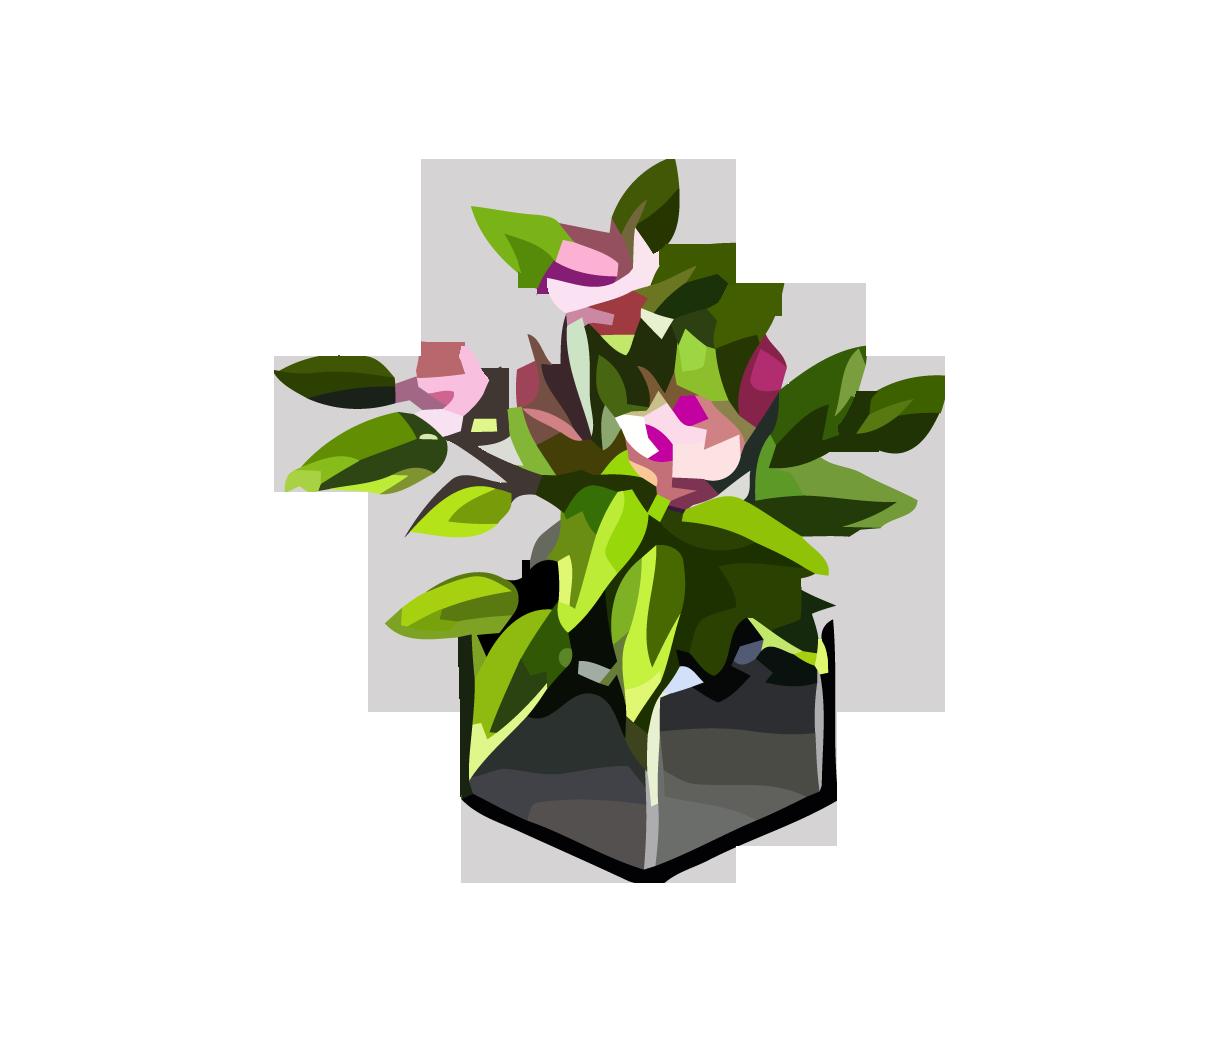 картинки цветы для аватарии ограничены забайкалье